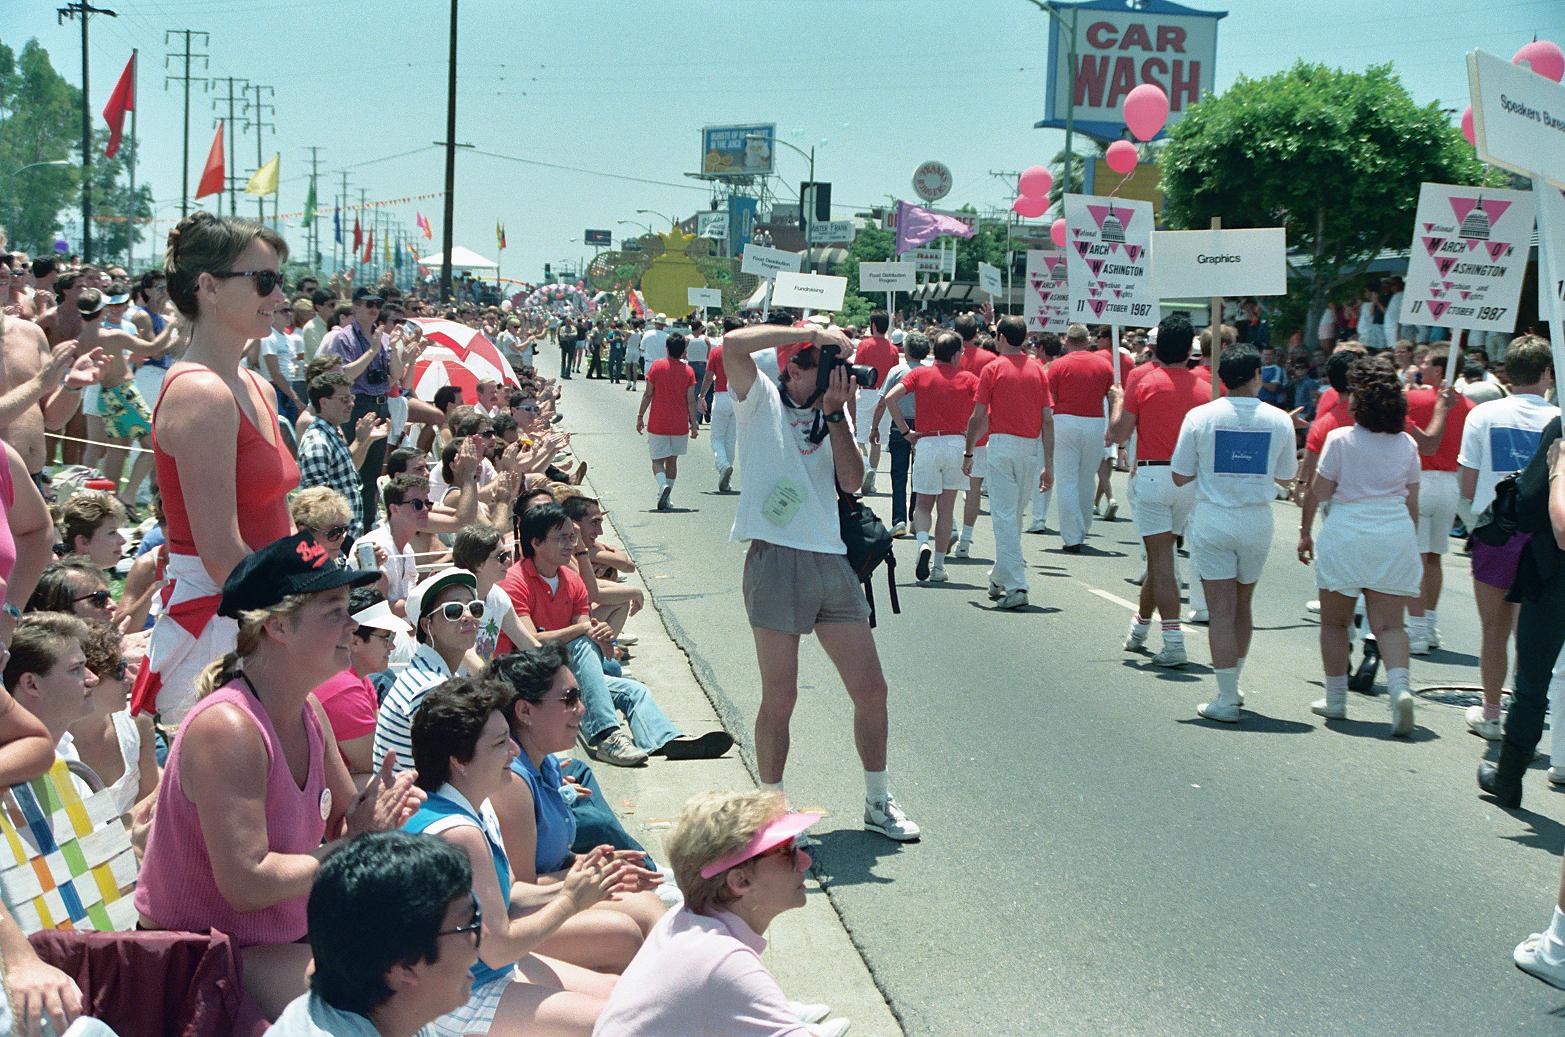 la-pride-1987-1995_22122189230_o